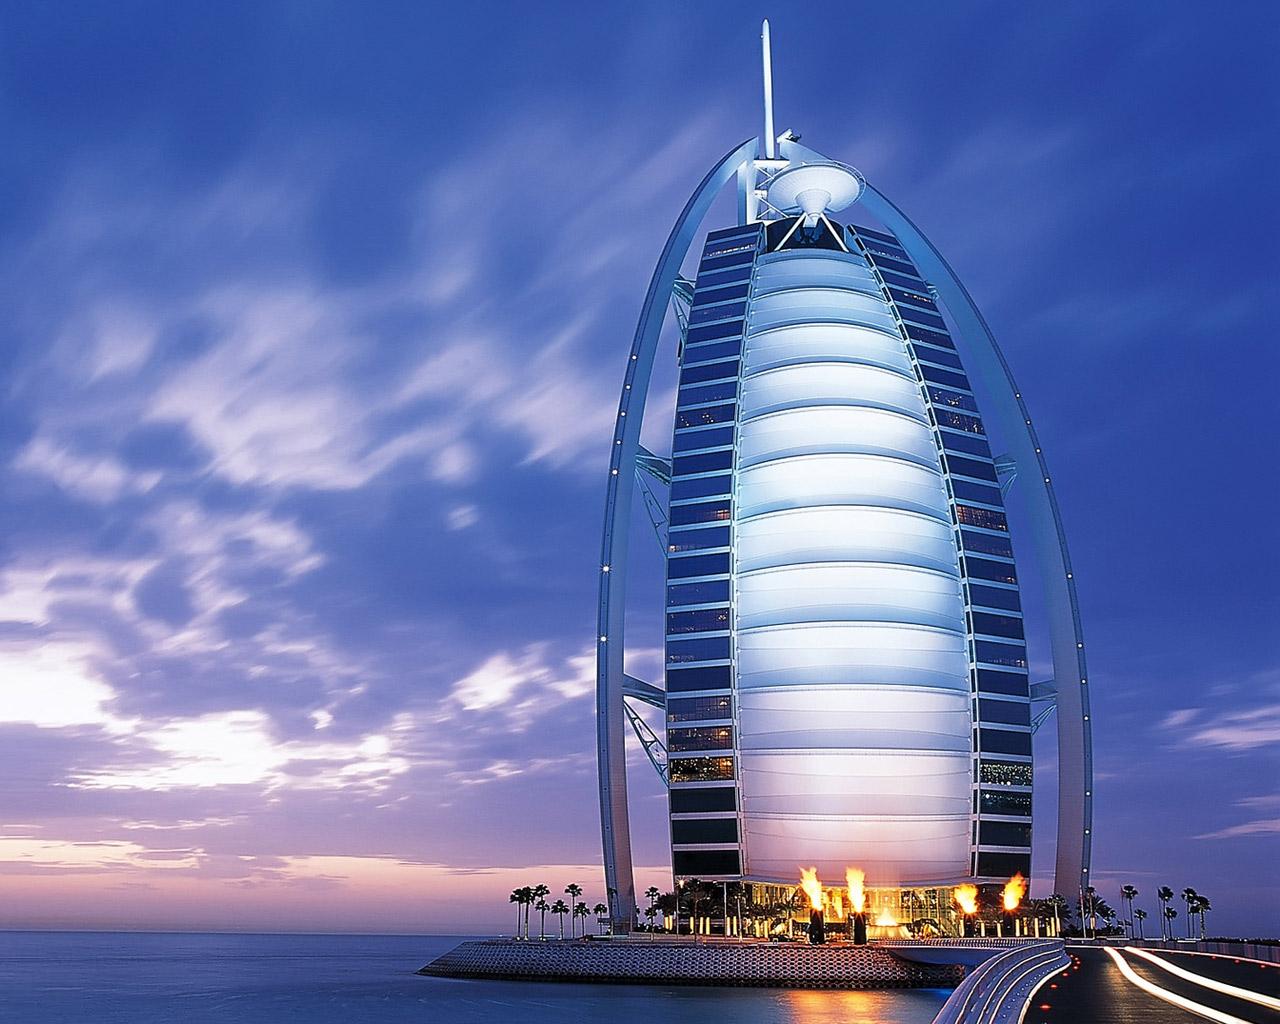 Dubai Wallpaper Images Review 1280x1024